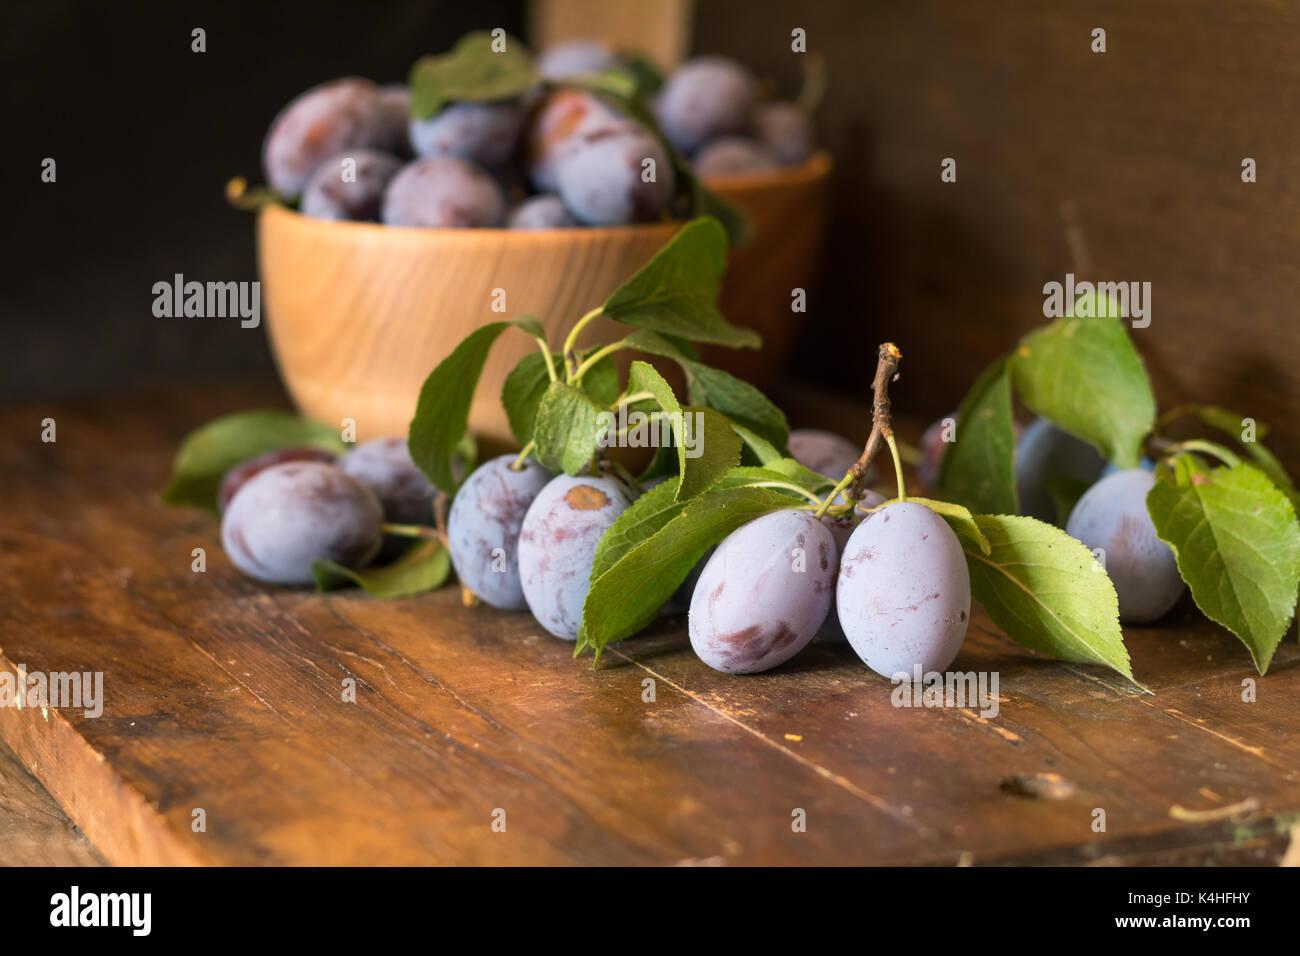 Prunes fraîches avec des feuilles vertes en pot en bois sur la table en bois sombre. faible profondeur de champ. Banque D'Images